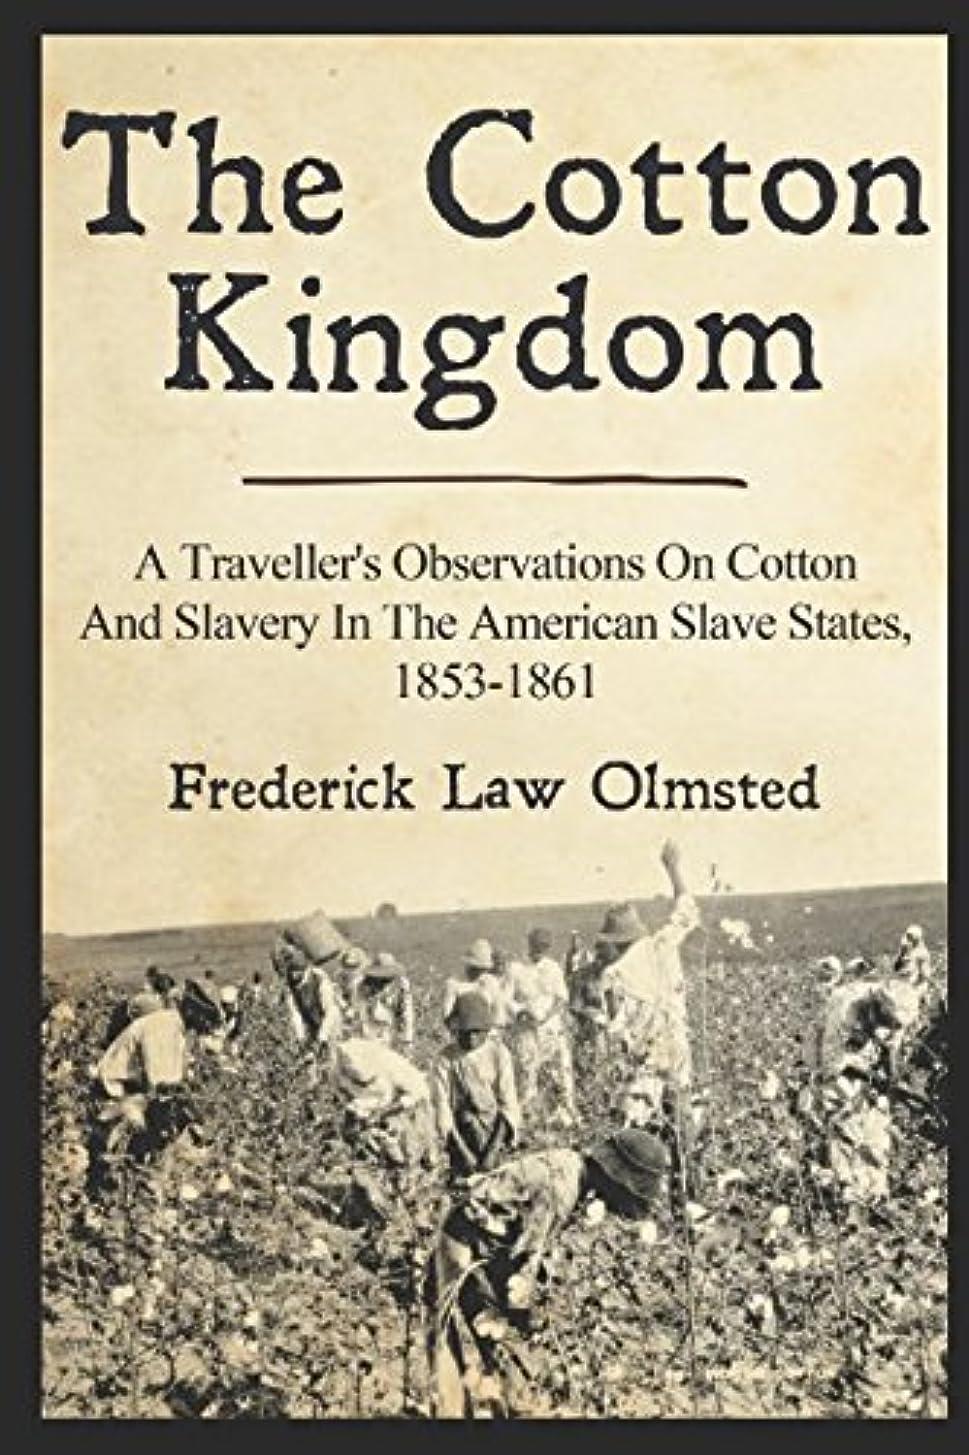 部後退するブームThe Cotton Kingdom: A Traveller's Observations On Cotton And Slavery In The American Slave States, 1853-1861